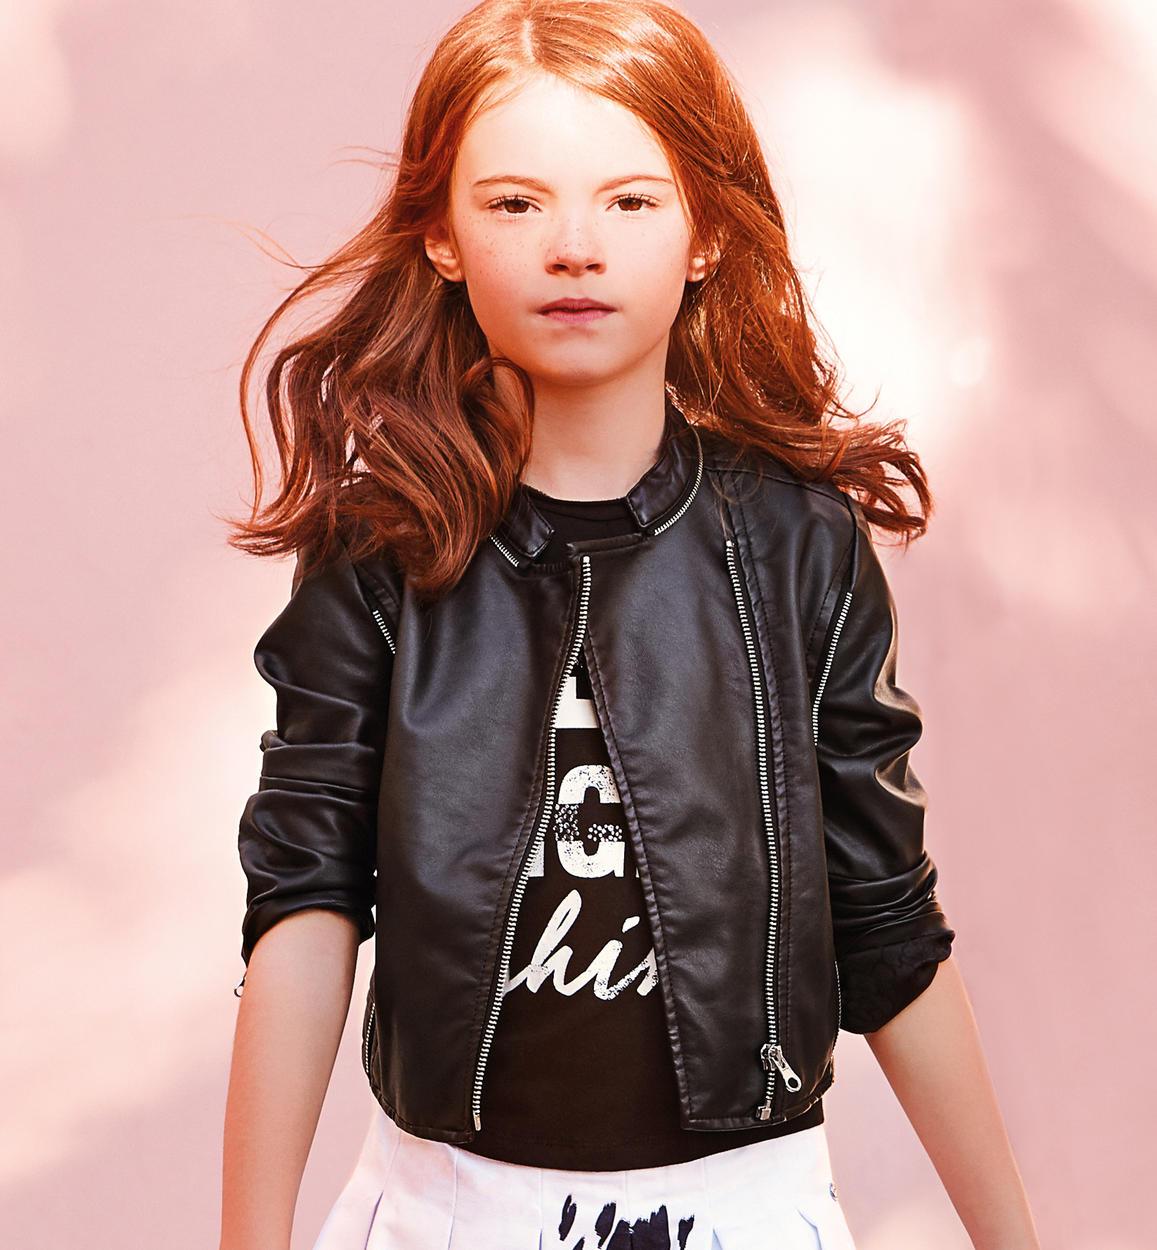 online retailer e9ce8 4ffaf Grintoso giubbotto in ecopelle modello chiodo per bambina da 6 a 16 anni  Sarabanda